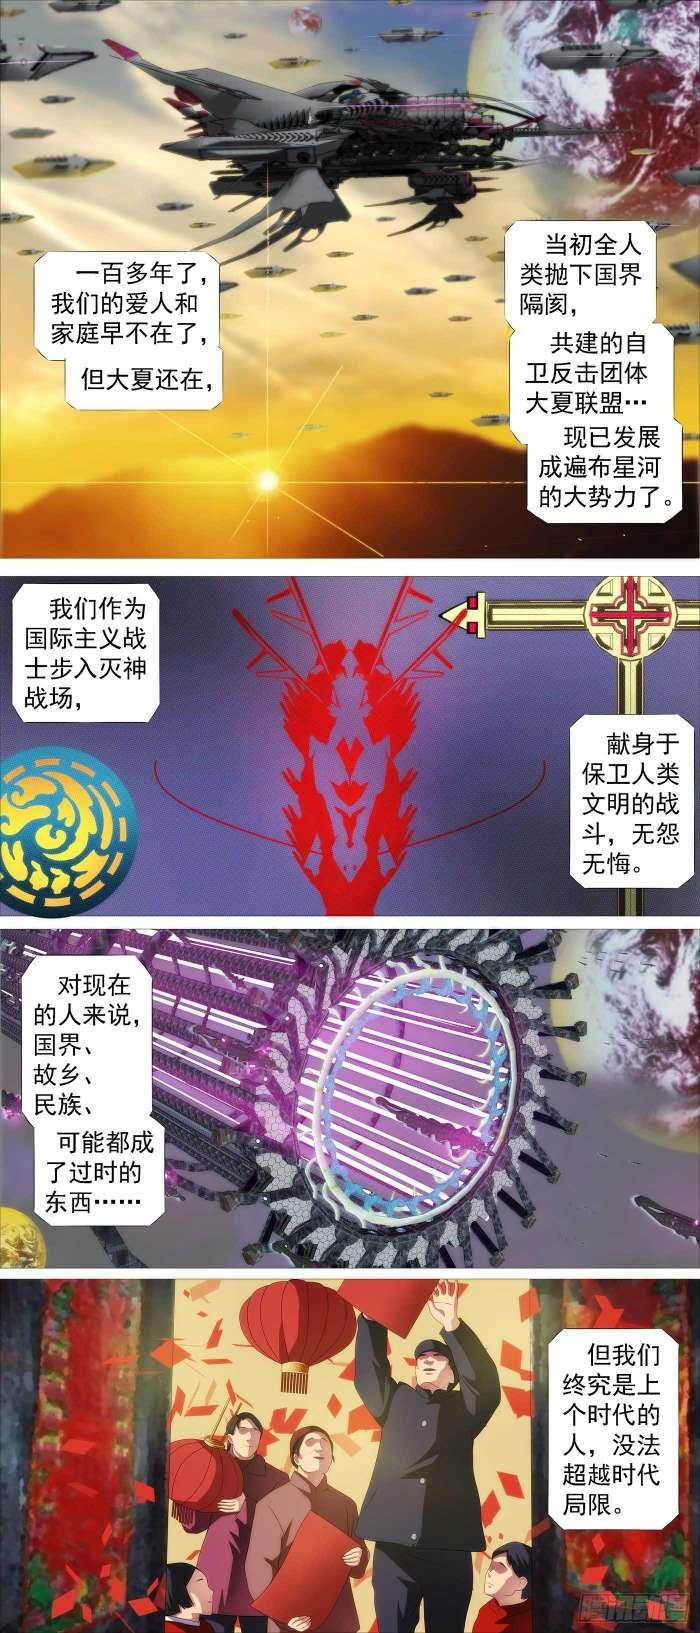 【漫画更新】《铁姬钢兵》429~430话